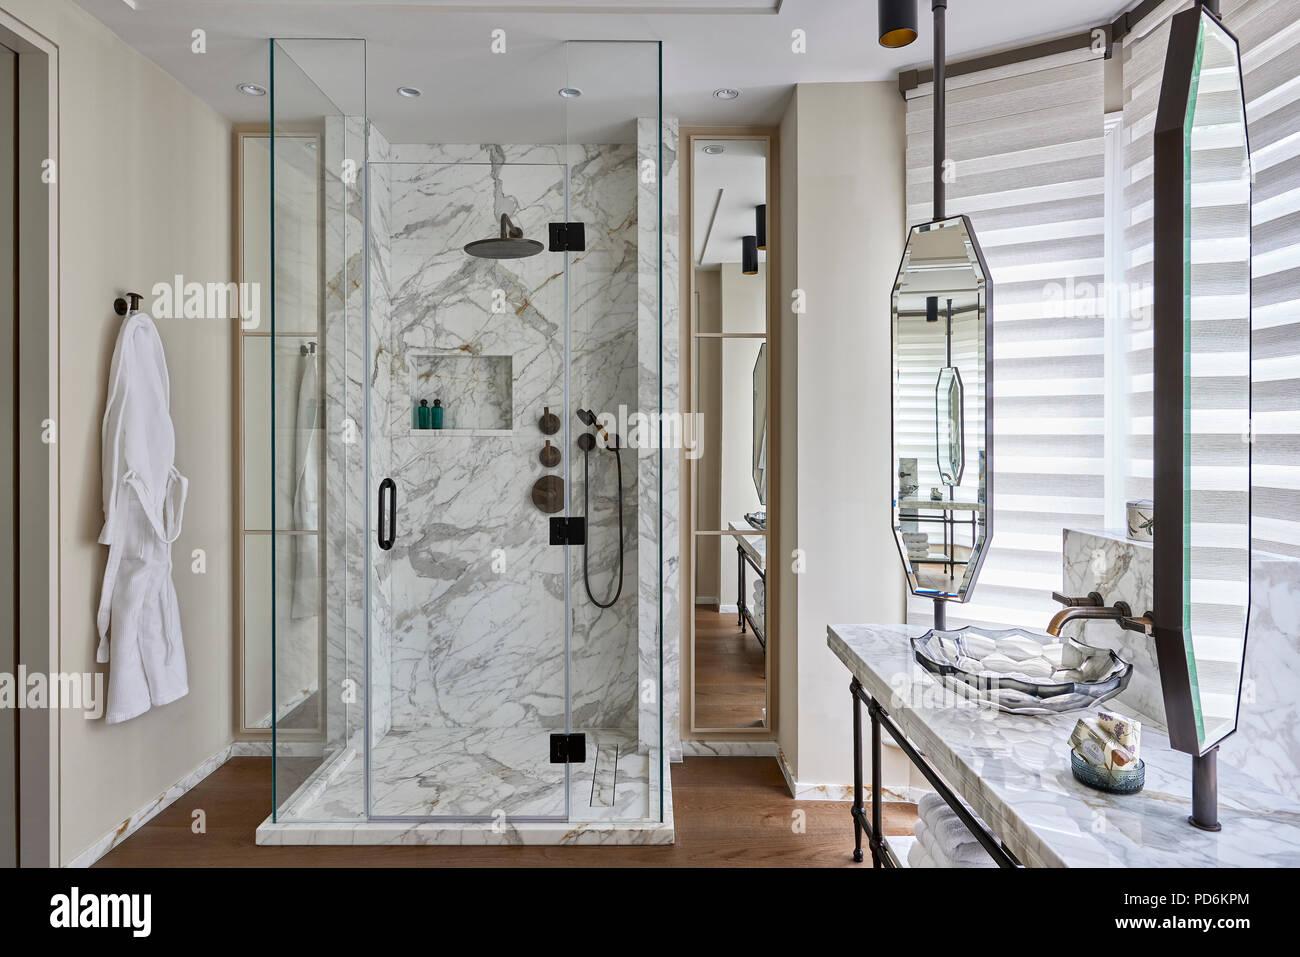 Accappatoio appeso in marmo con cabina doccia e vasca lotus foto